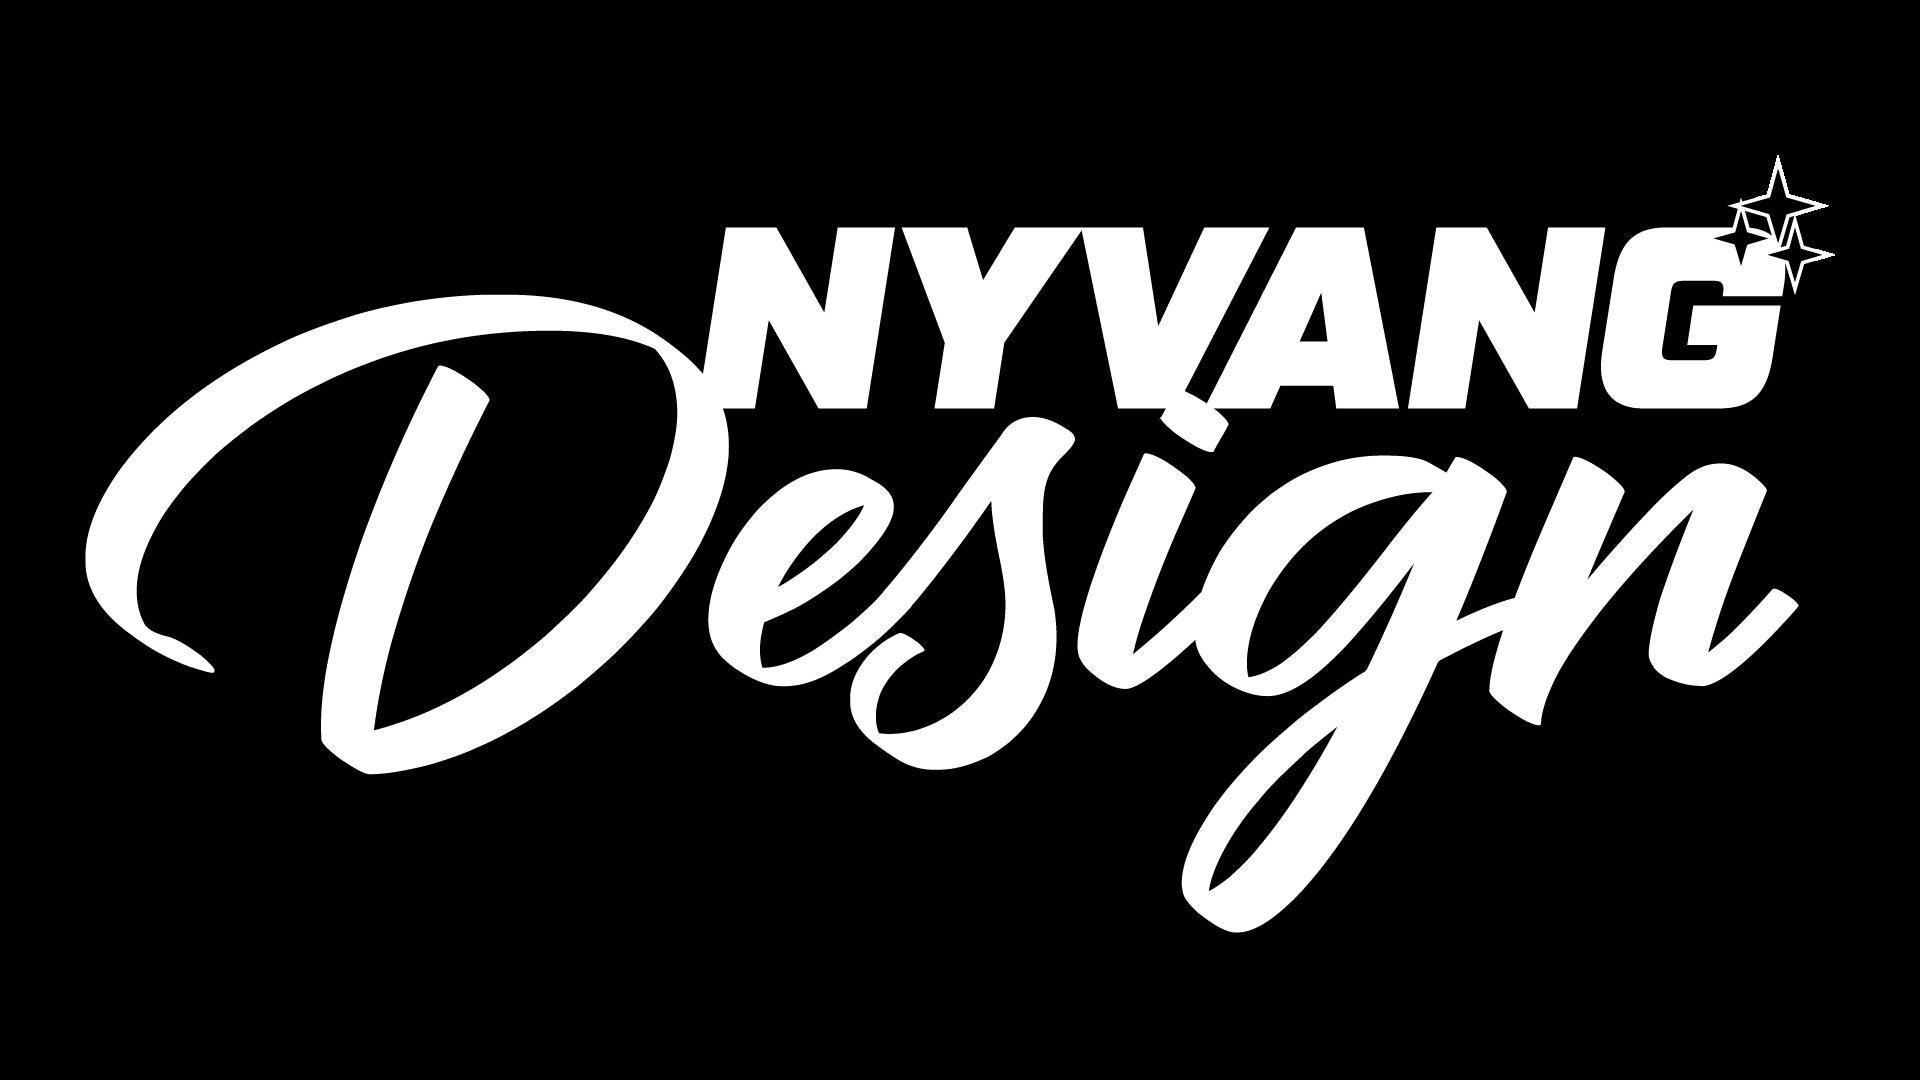 nyvang-design-sponsor